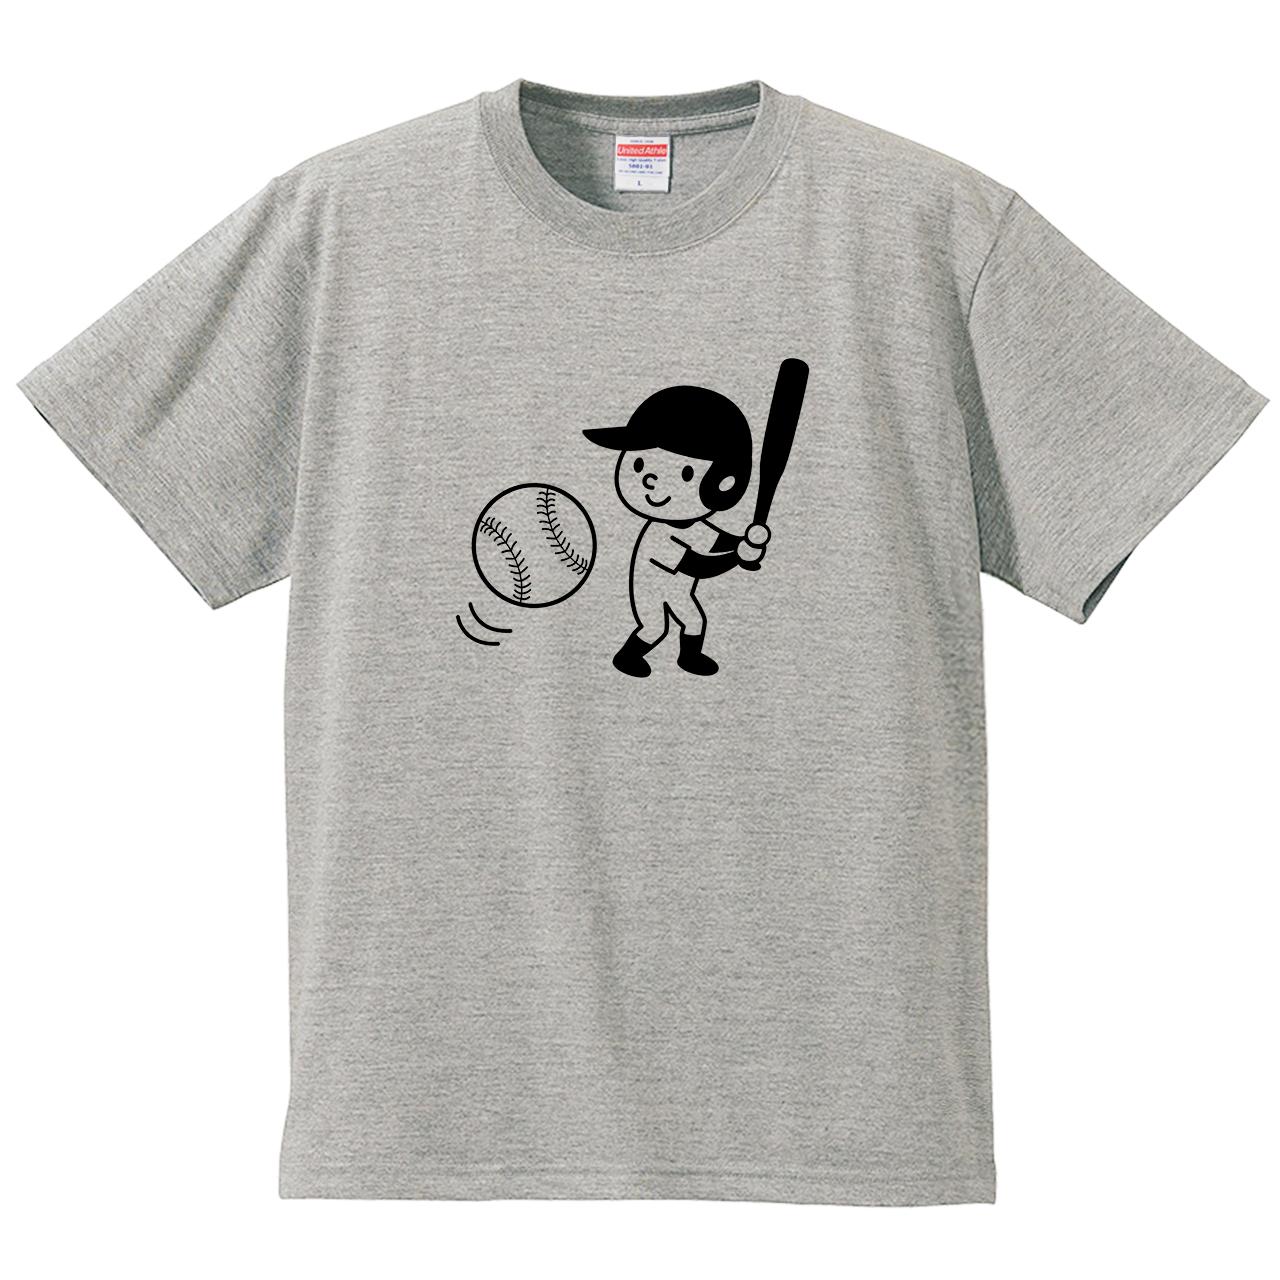 ソフトボール野球(Tシャツ・ミックスグレー)(ホワイトミント)